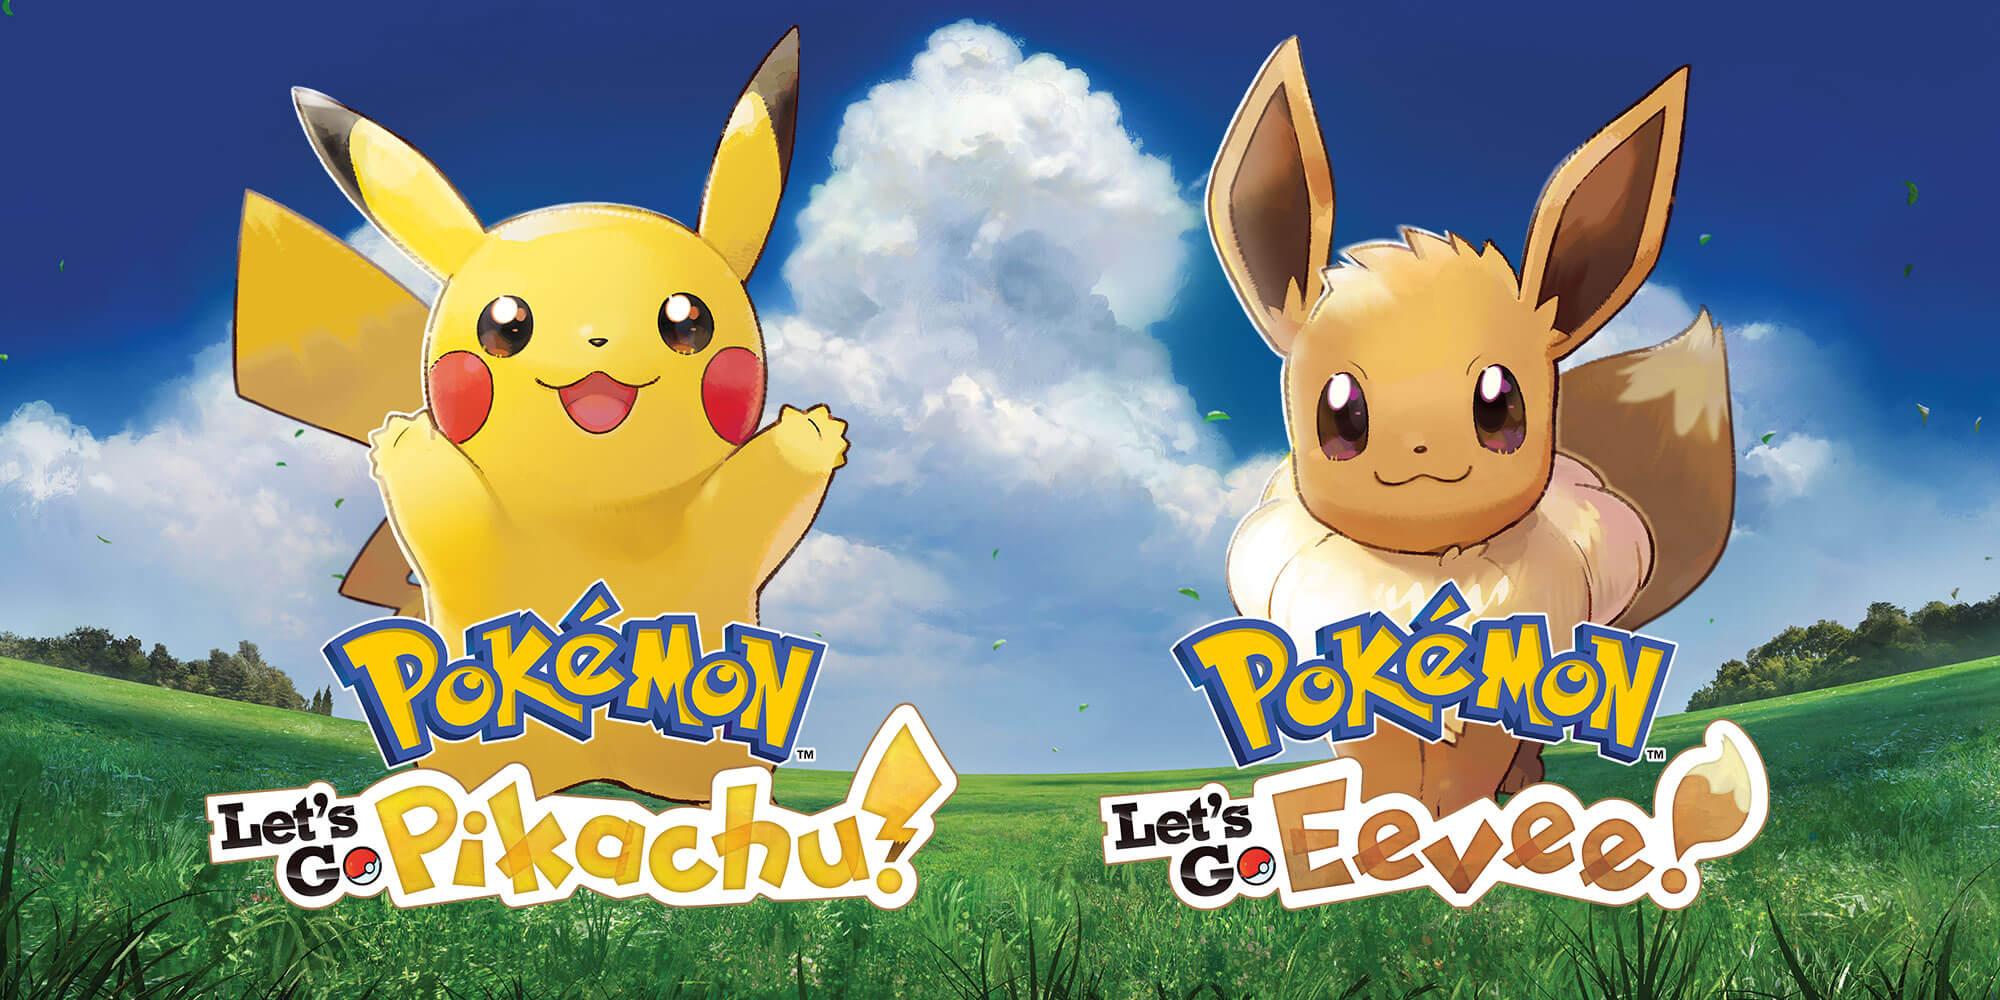 Pikachu& Eevee